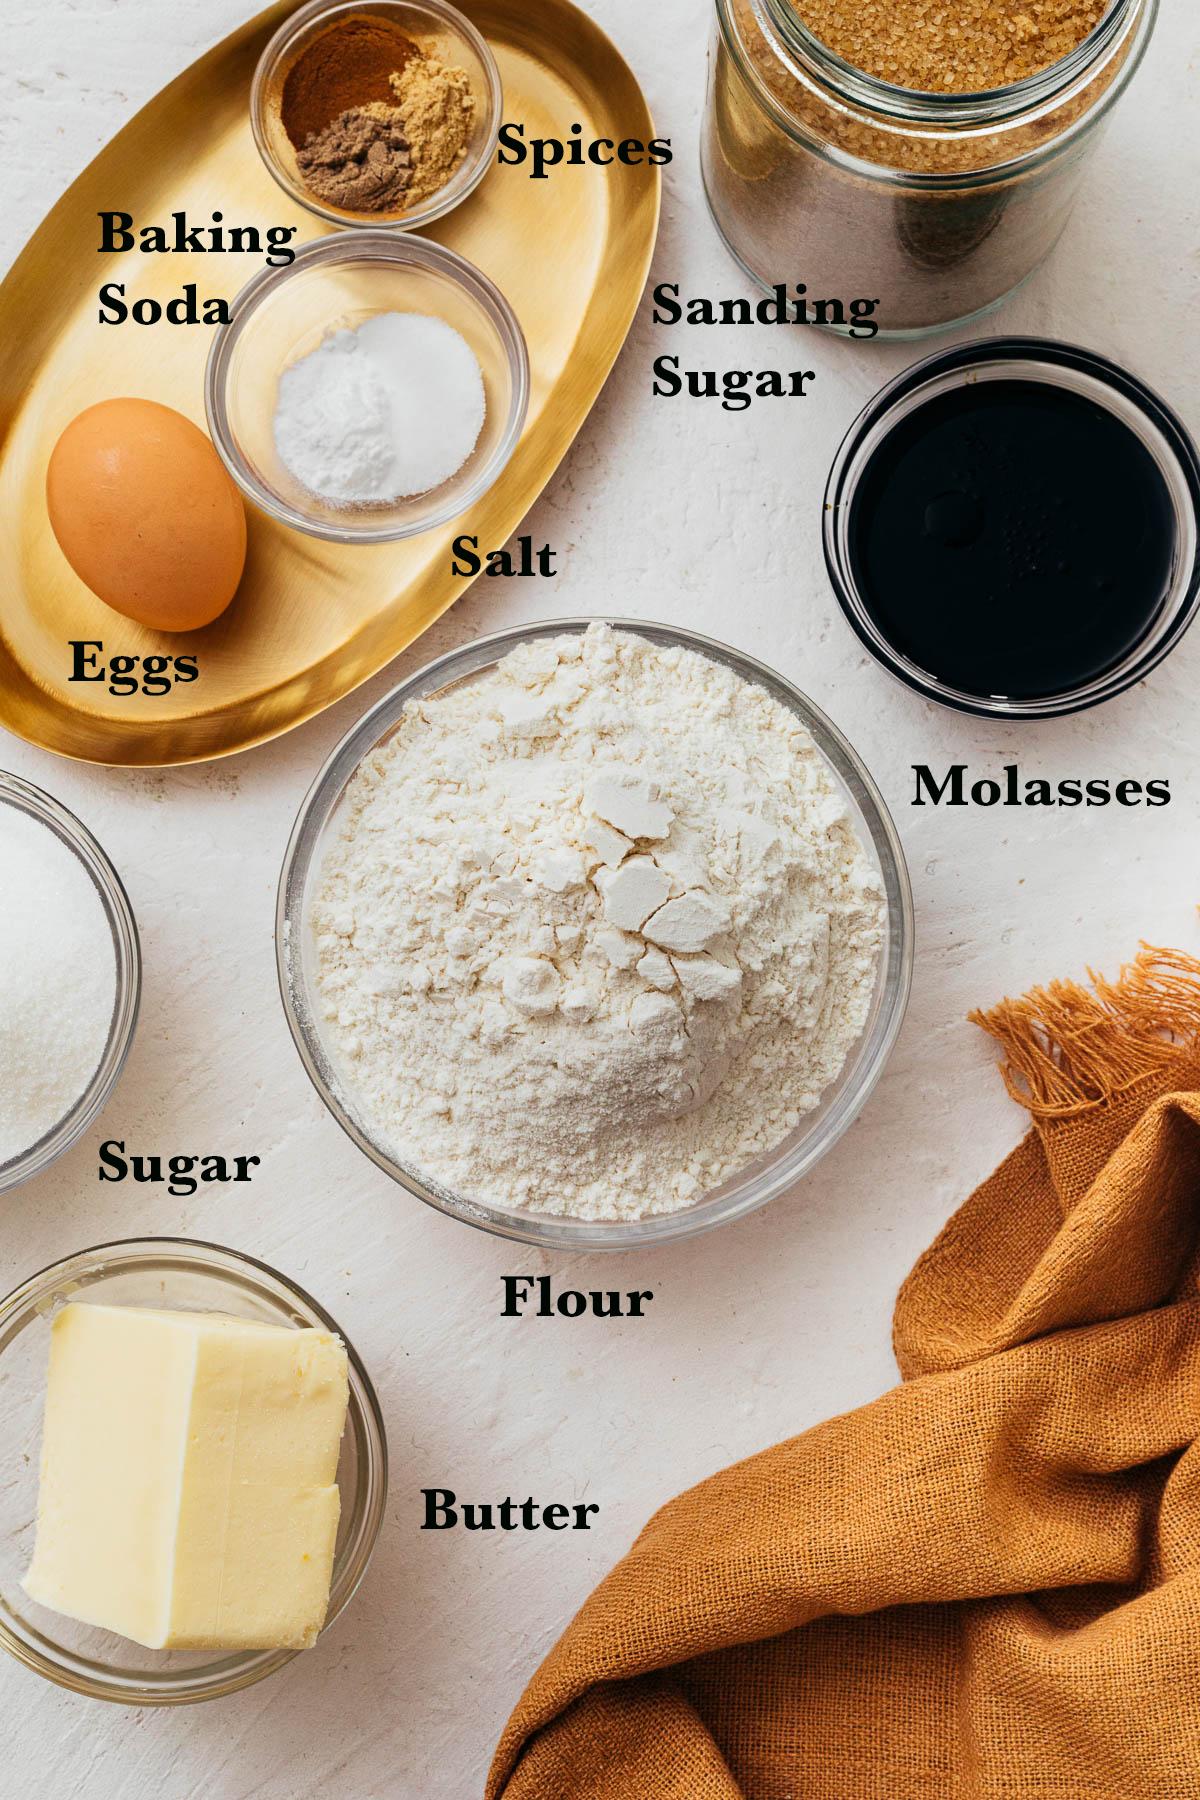 Ingredients to make sugar & spice cookies.